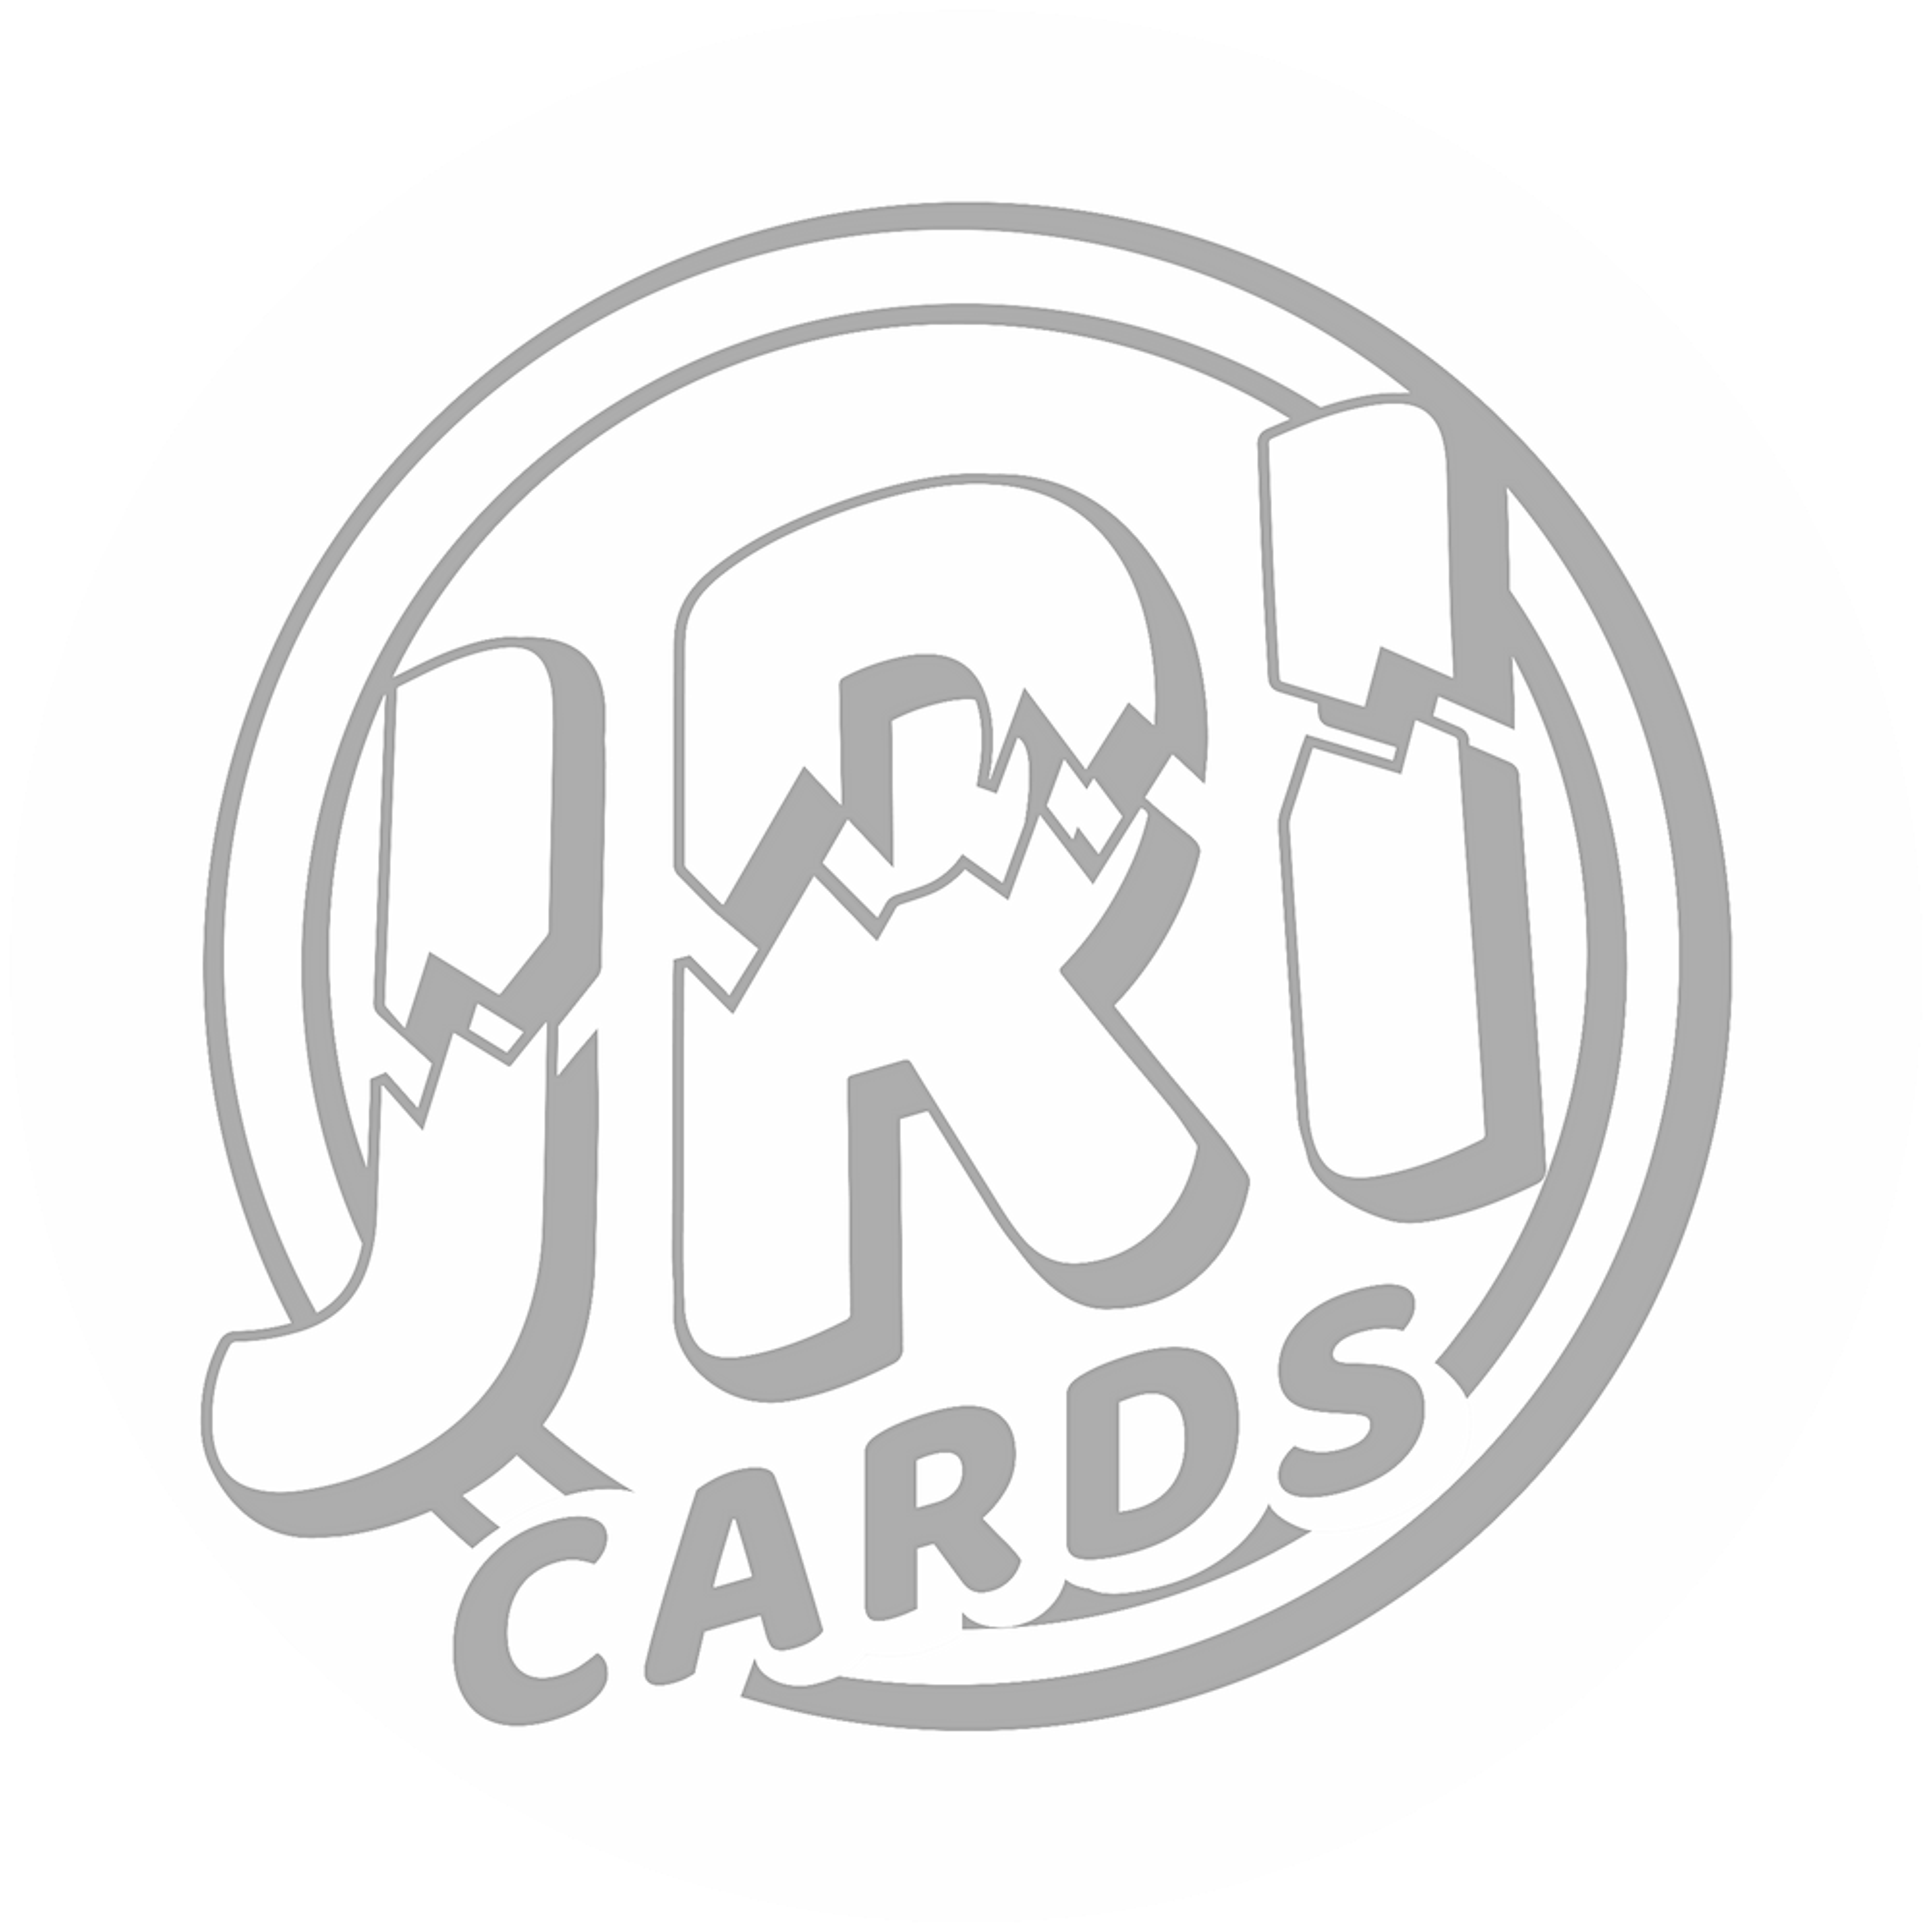 JRI BLENDER|1960 TOPPS BASEBALL 2nd SERIES CELLO PACK + 1975 TOPPS BASEBALL RACK PACK (54 CARDS AVAILABLE)